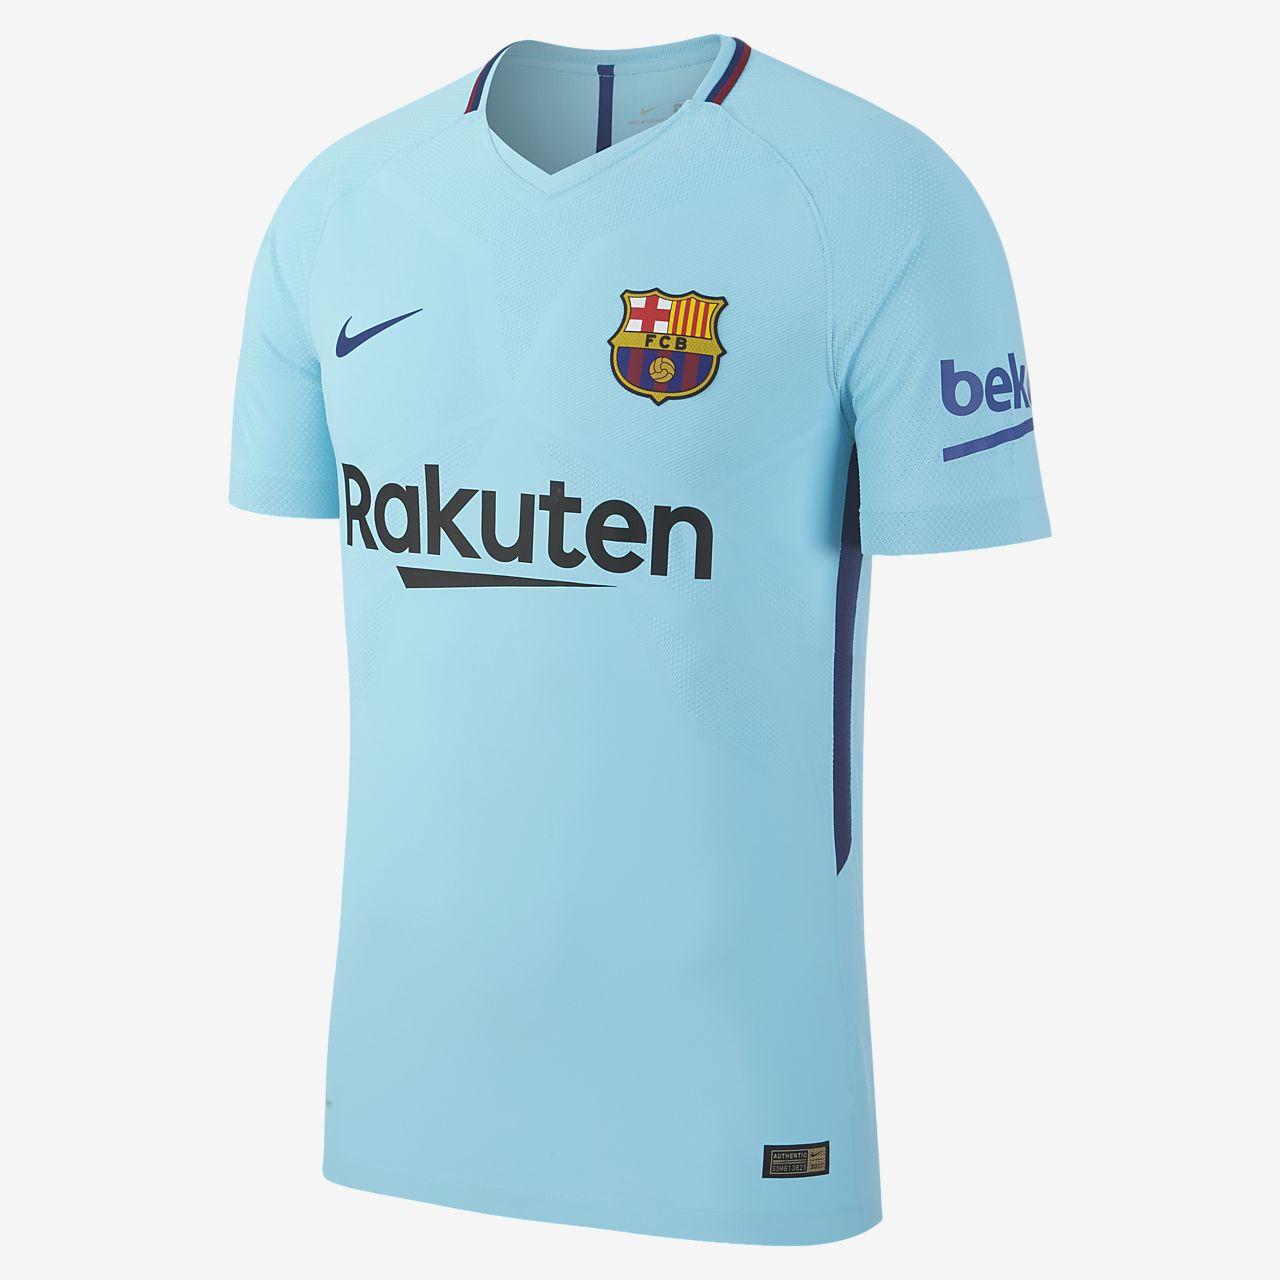 2017/18 FC Barcelona Vapor Match Away Men's Football Shirt